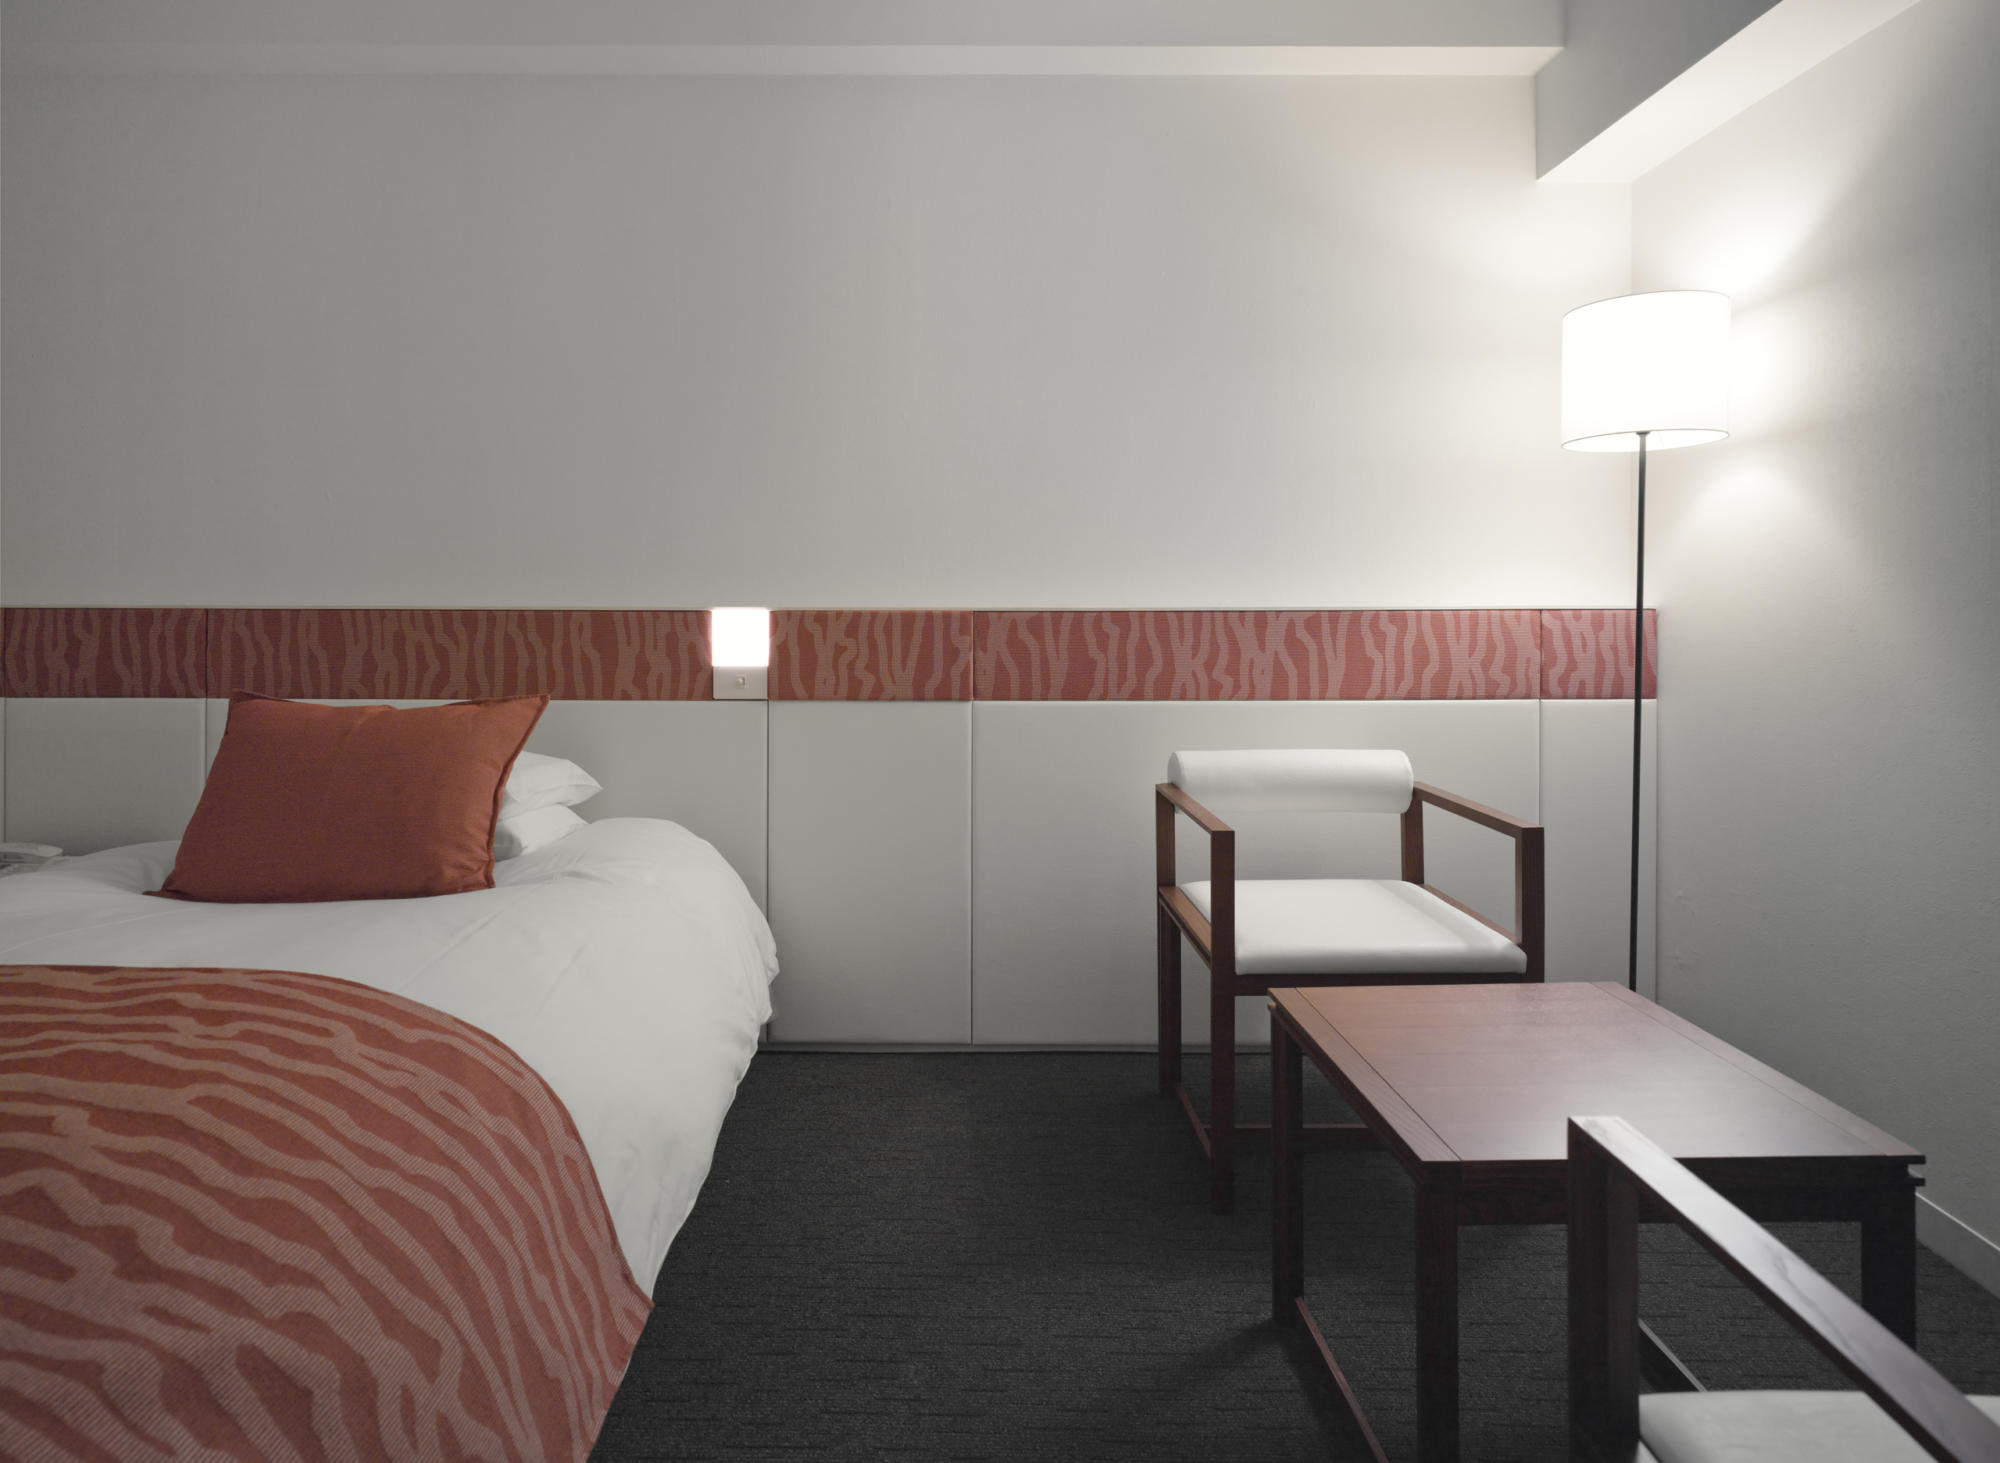 京都東急ホテル4階-6階改装 | WORKS |